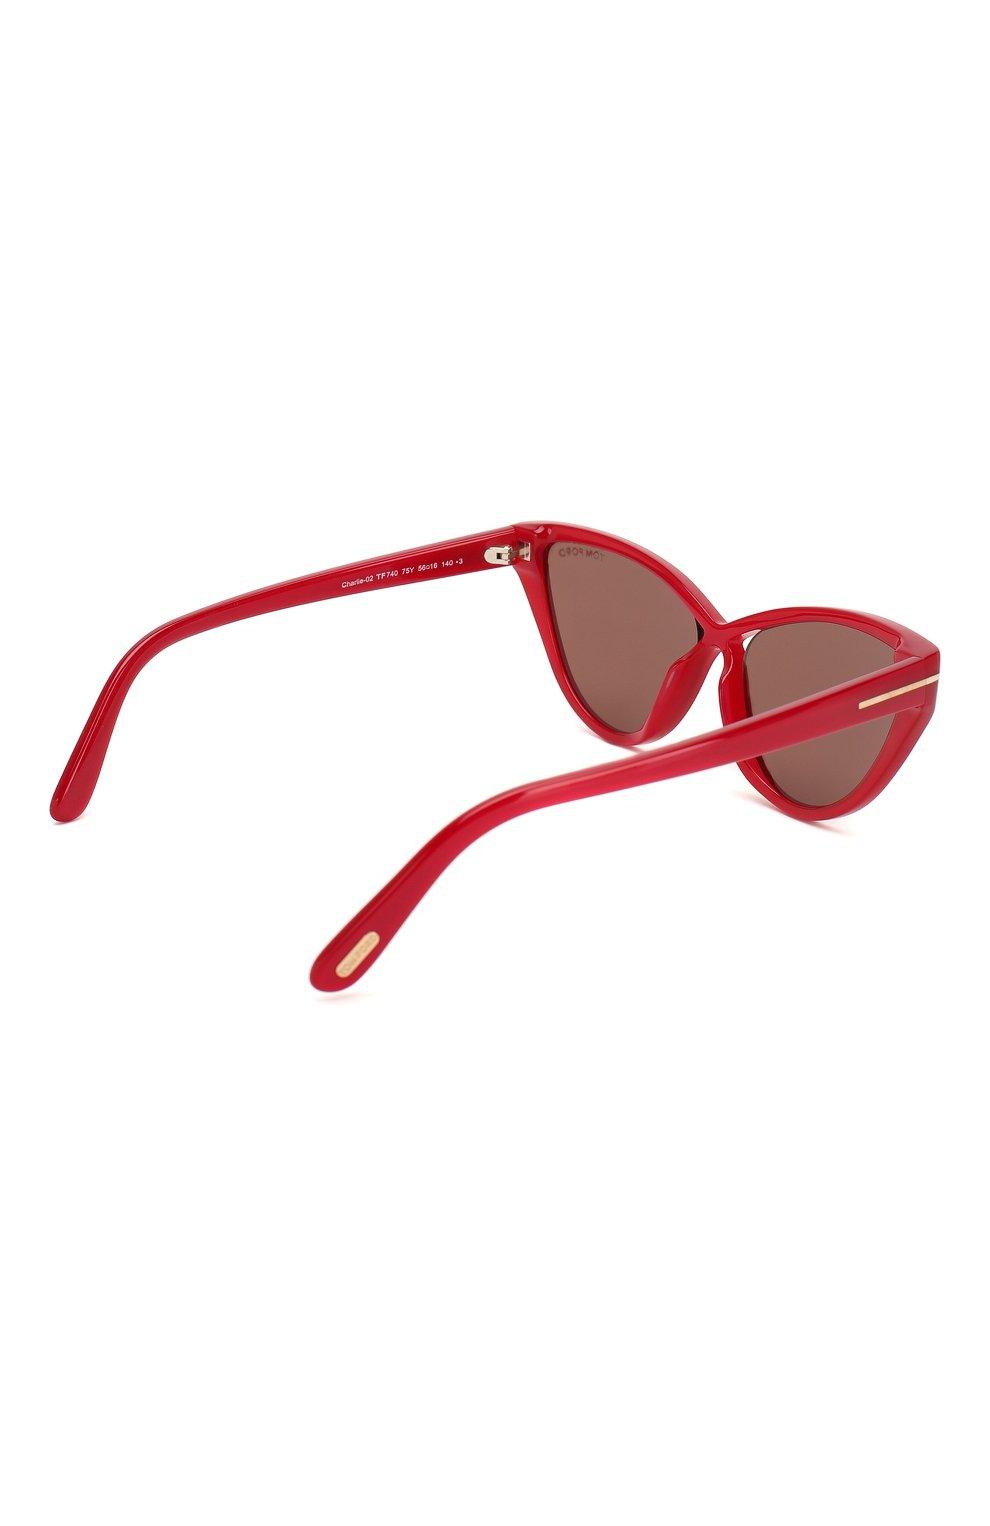 Женские солнцезащитные очки TOM FORD красного цвета, арт. TF740 | Фото 4